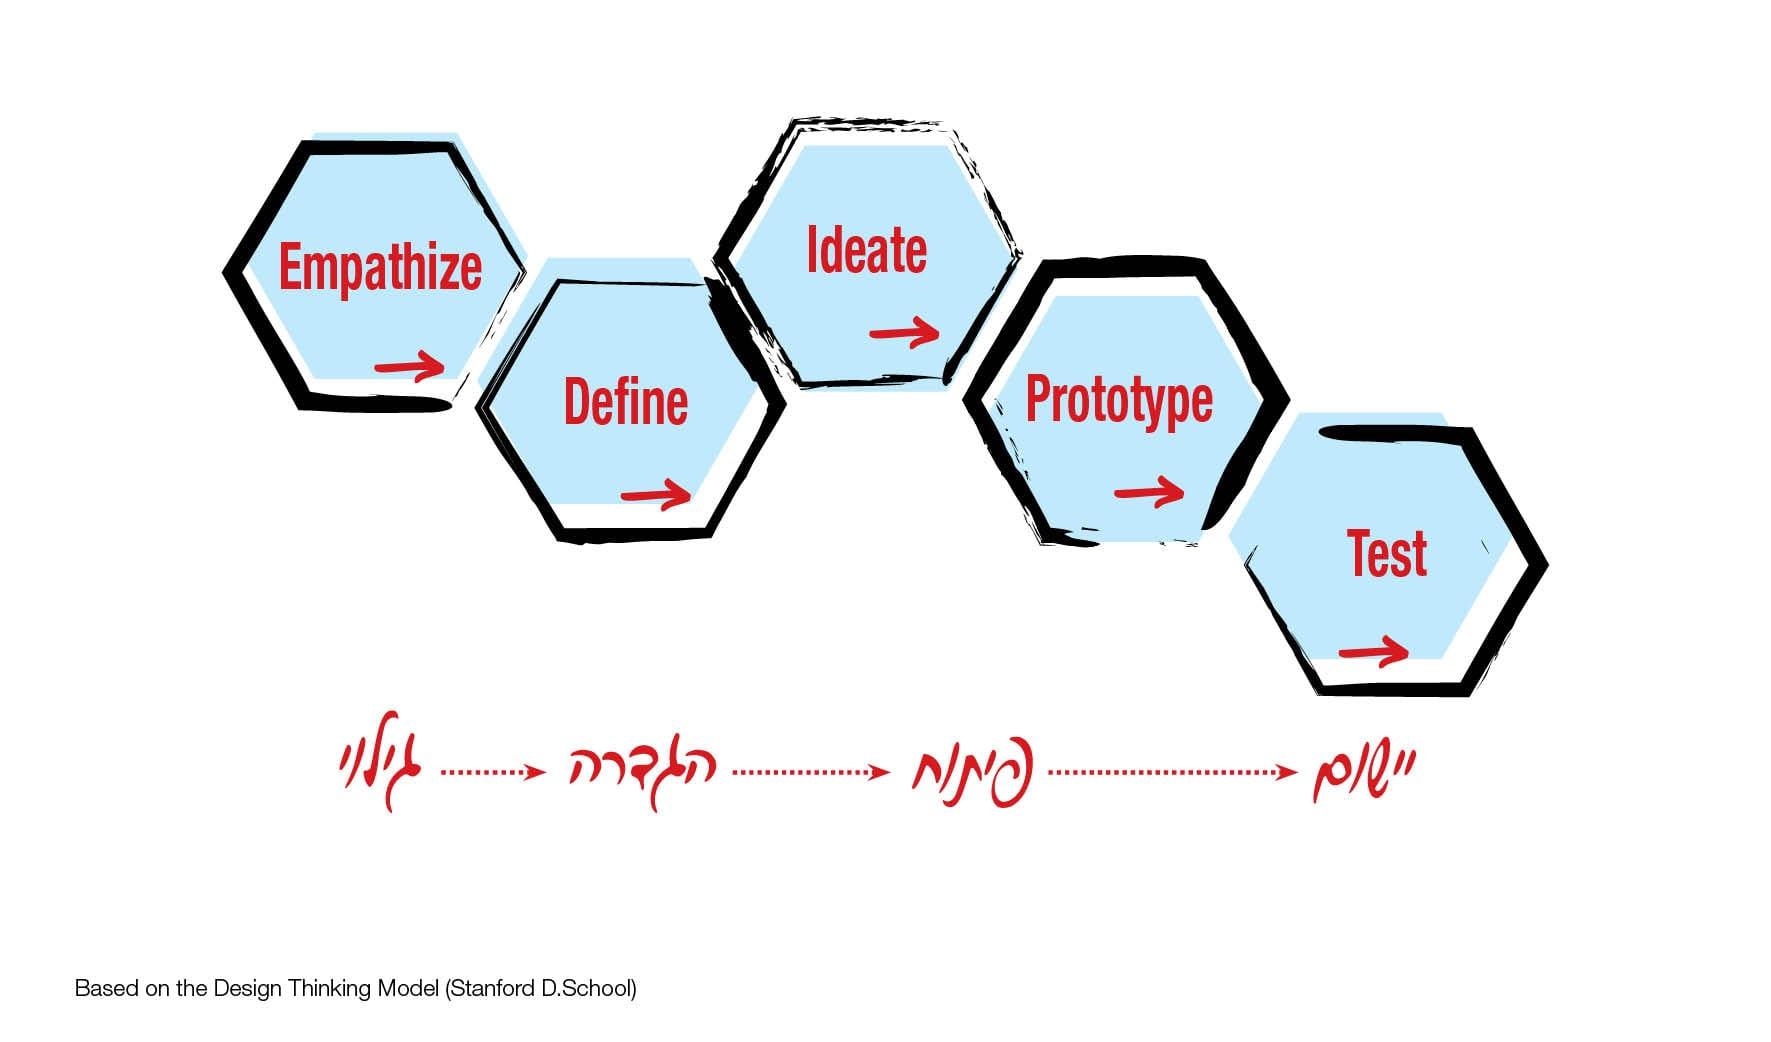 חמשת השלבים של חשיבה עיצובית